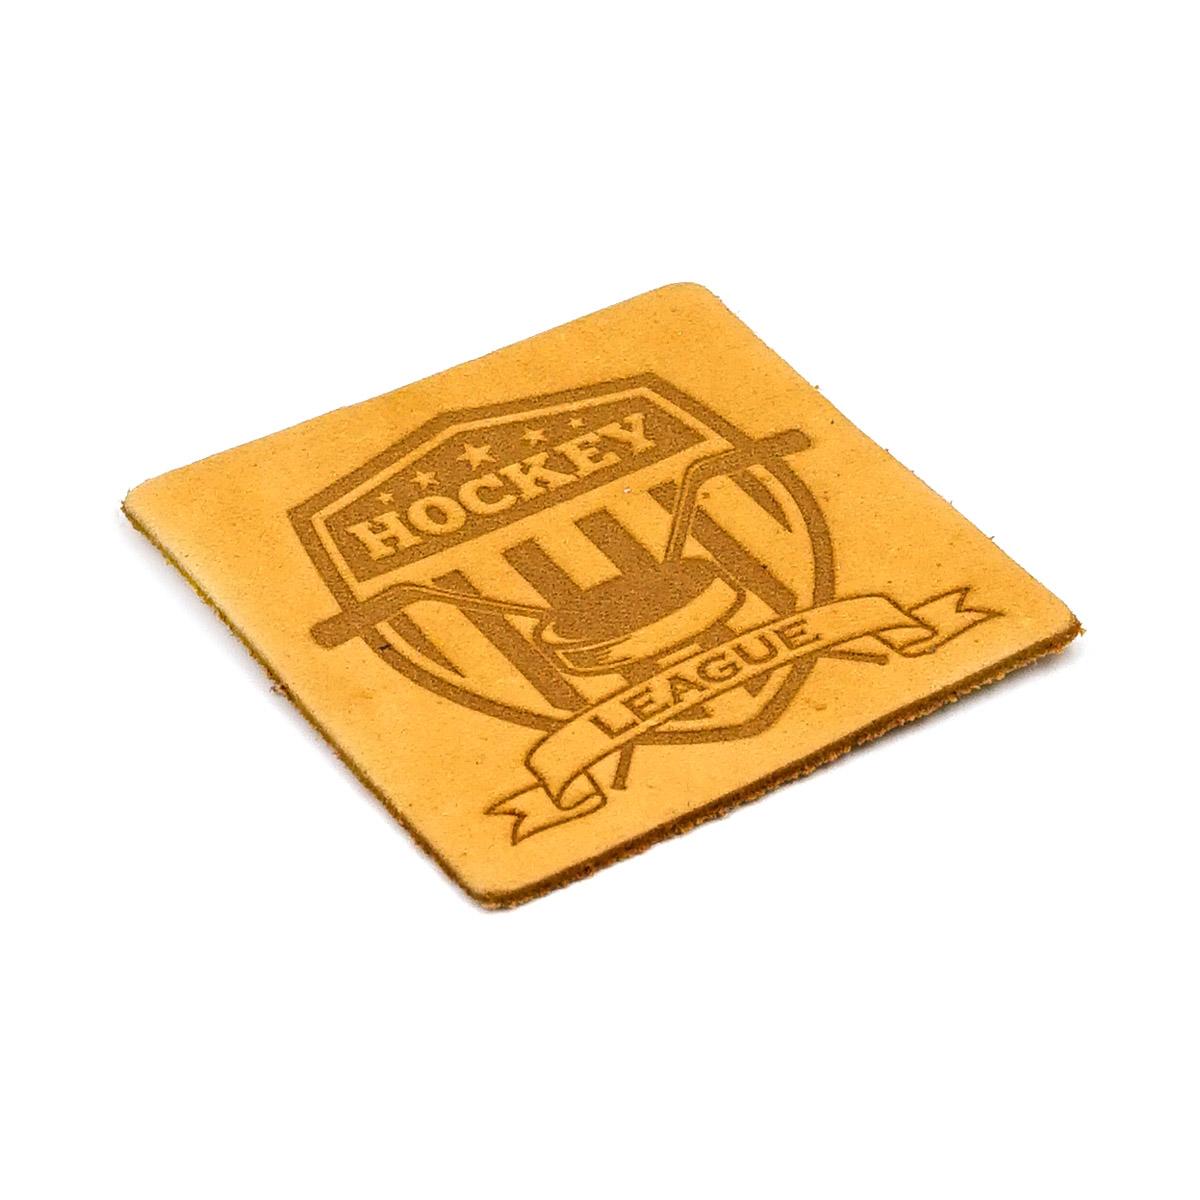 9 Термоаппликация из кожи Хоккей 5*5см, 100% кожа